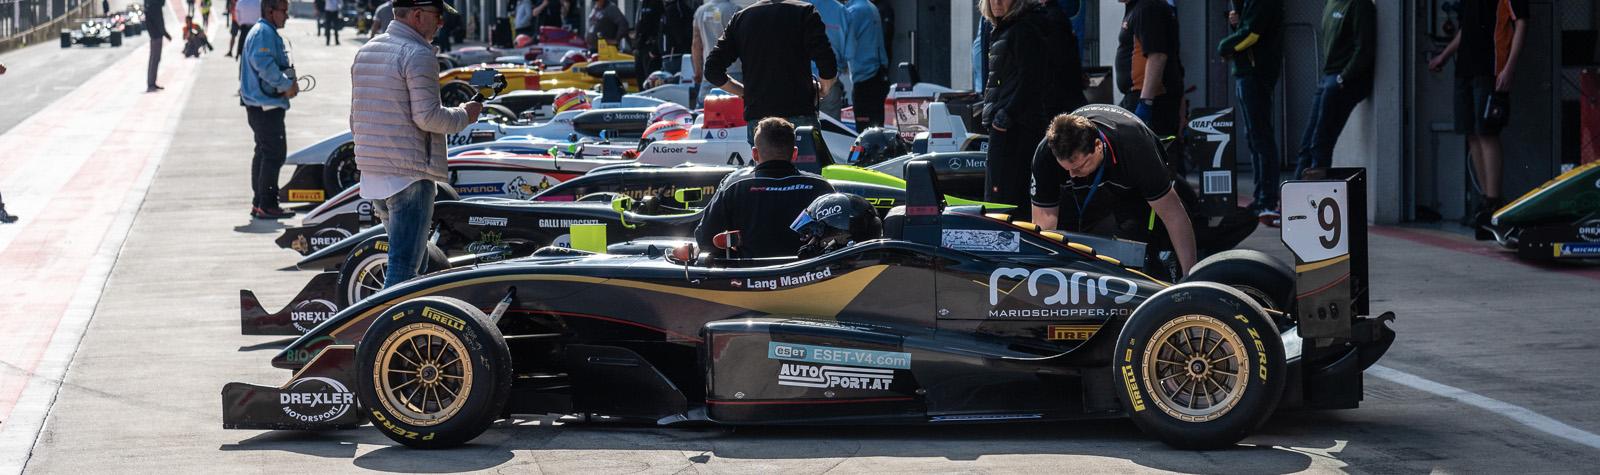 Deleda vyrazí z první pozice ve Formuli 3